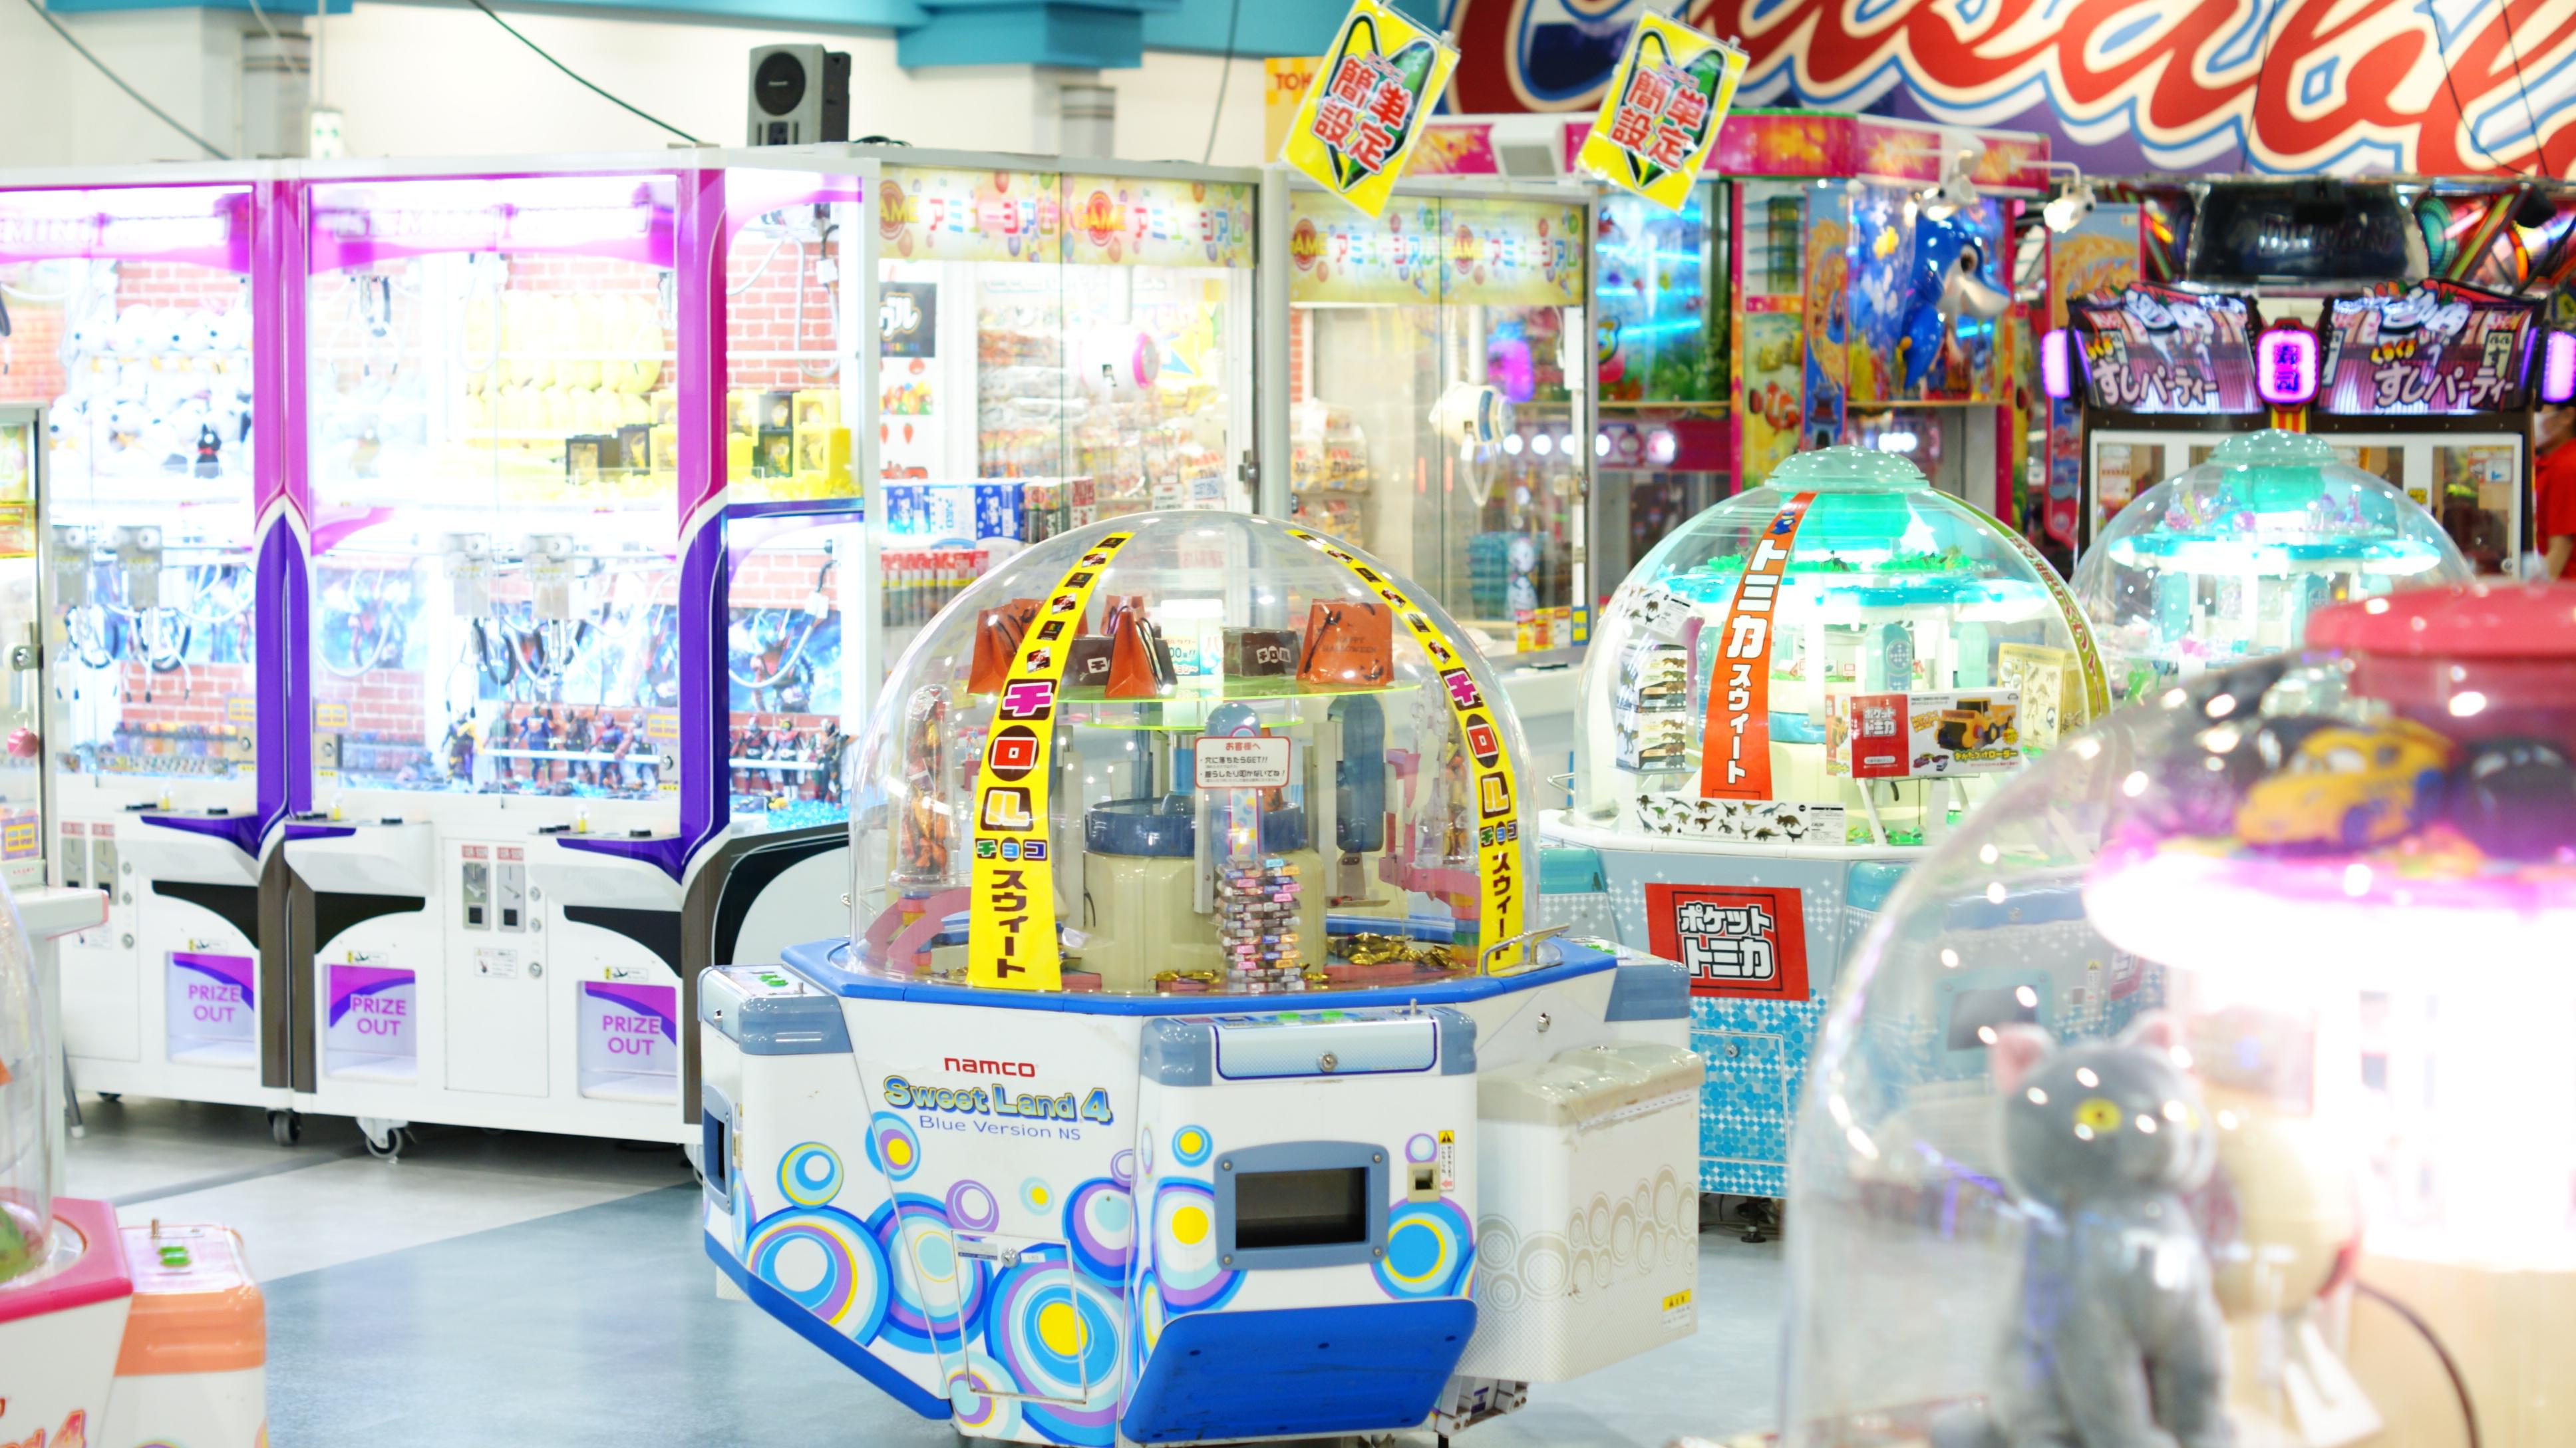 アミュージアム南風原店|九州・沖縄エリア|アミュージアム【公式】ゲームセンター